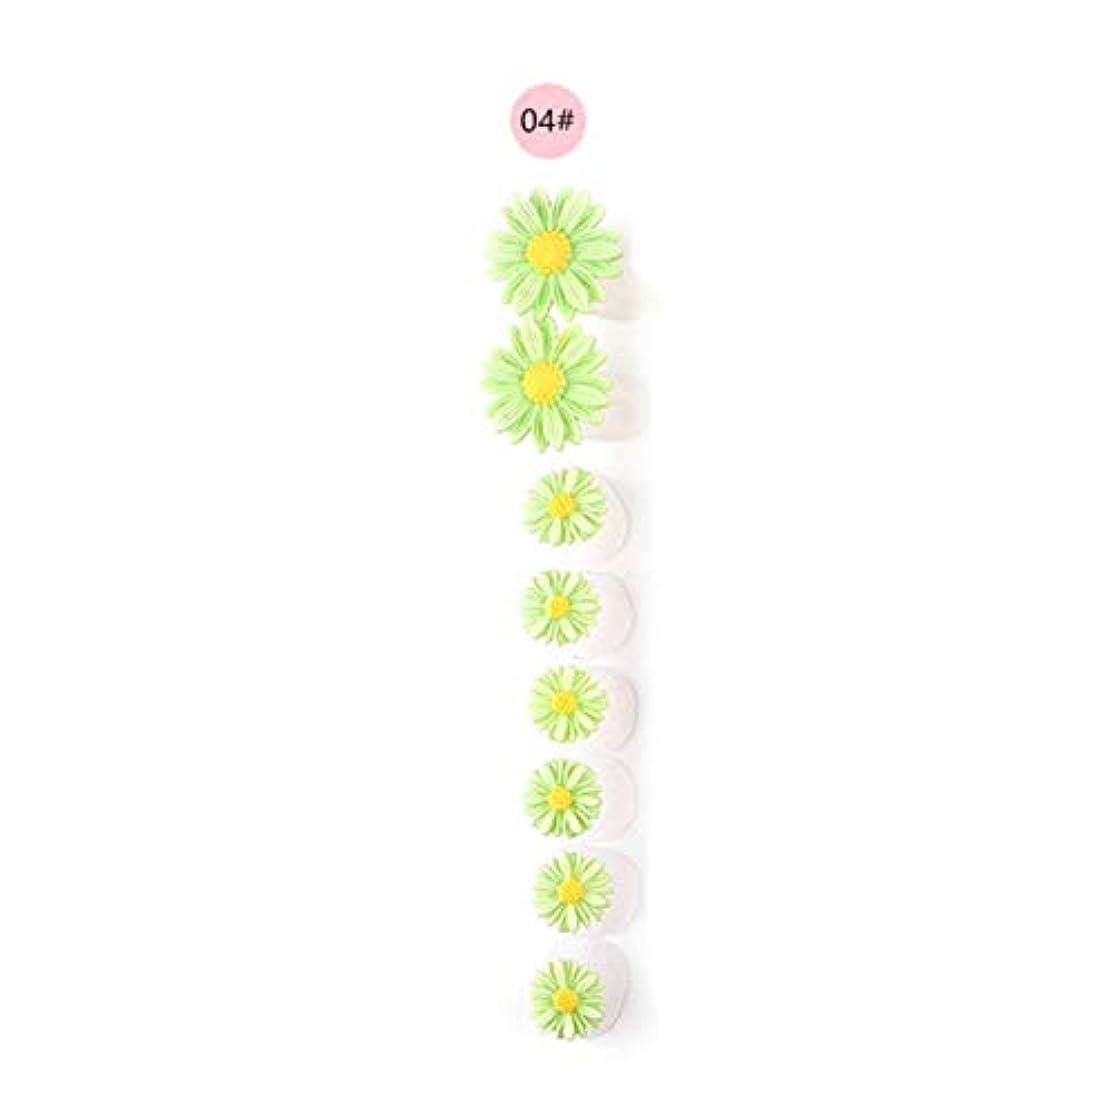 不完全なピック興奮8ピース/セットシリコンつま先セパレーター足つま先スペーサー花形ペディキュアDIYネイルアートツール-カラフル04#